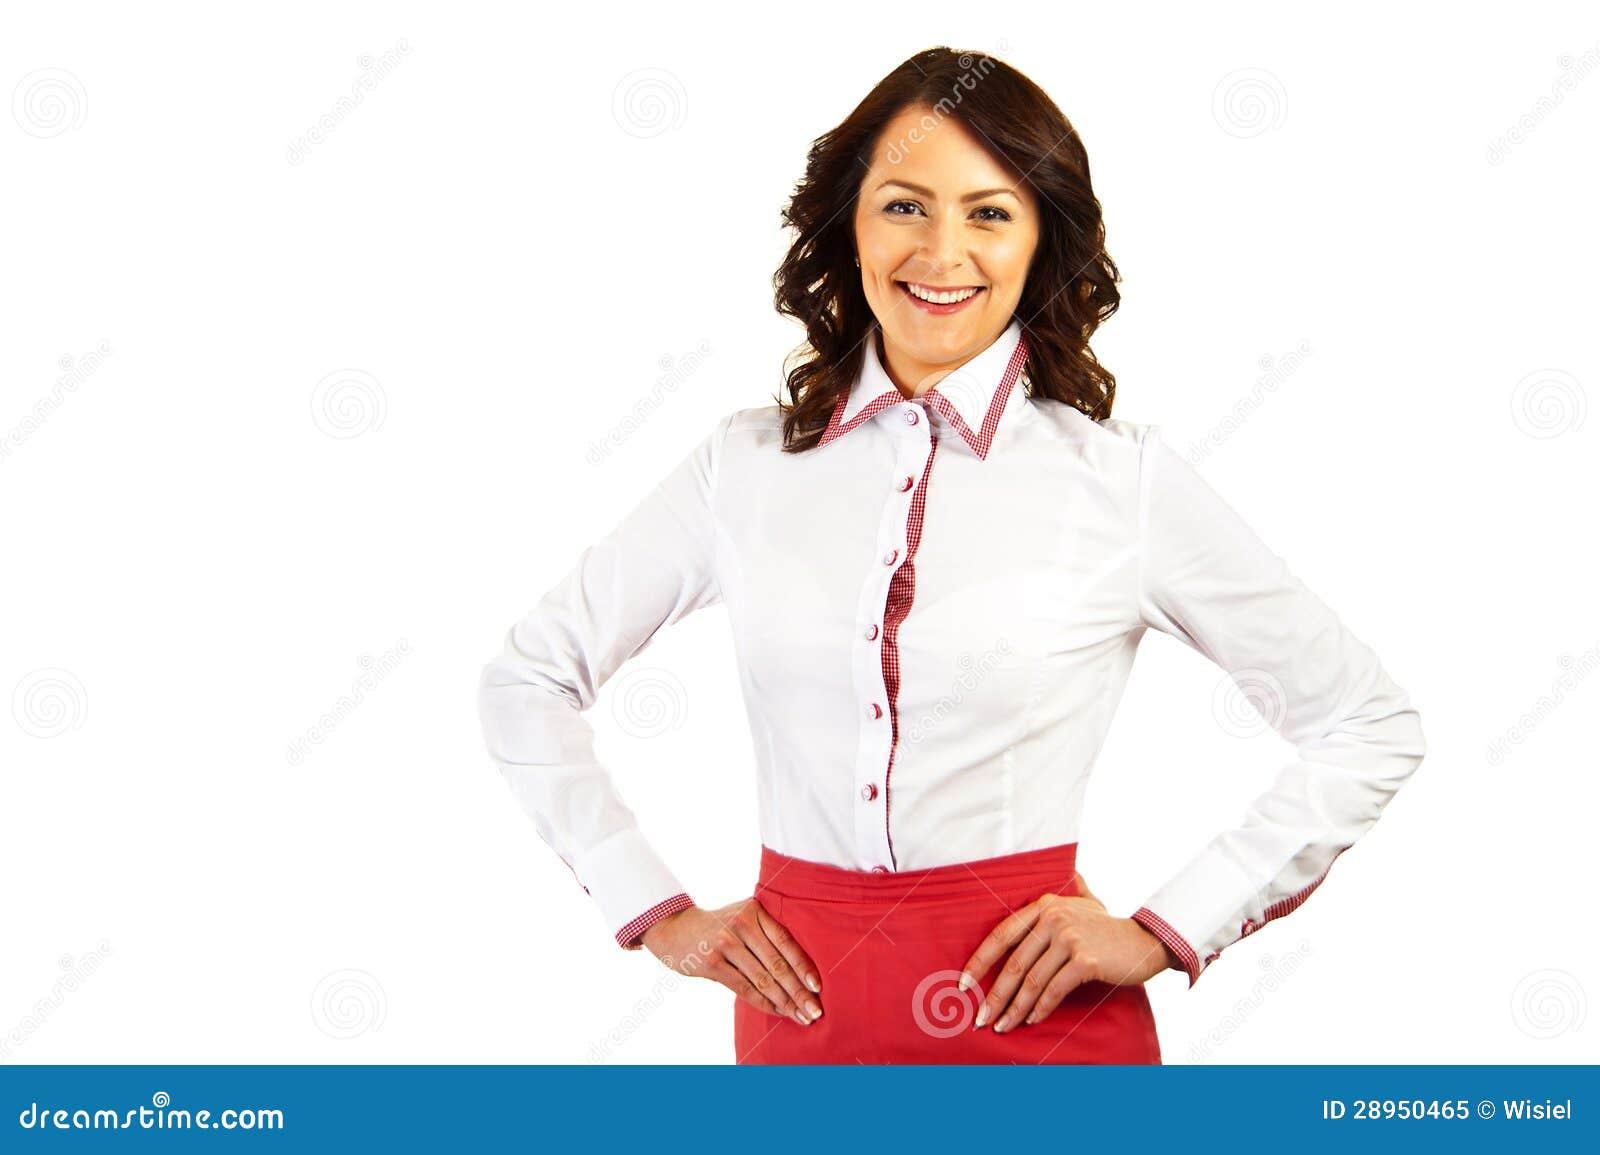 Kobieta w biznes stewardesie na białym tle lub mundurze